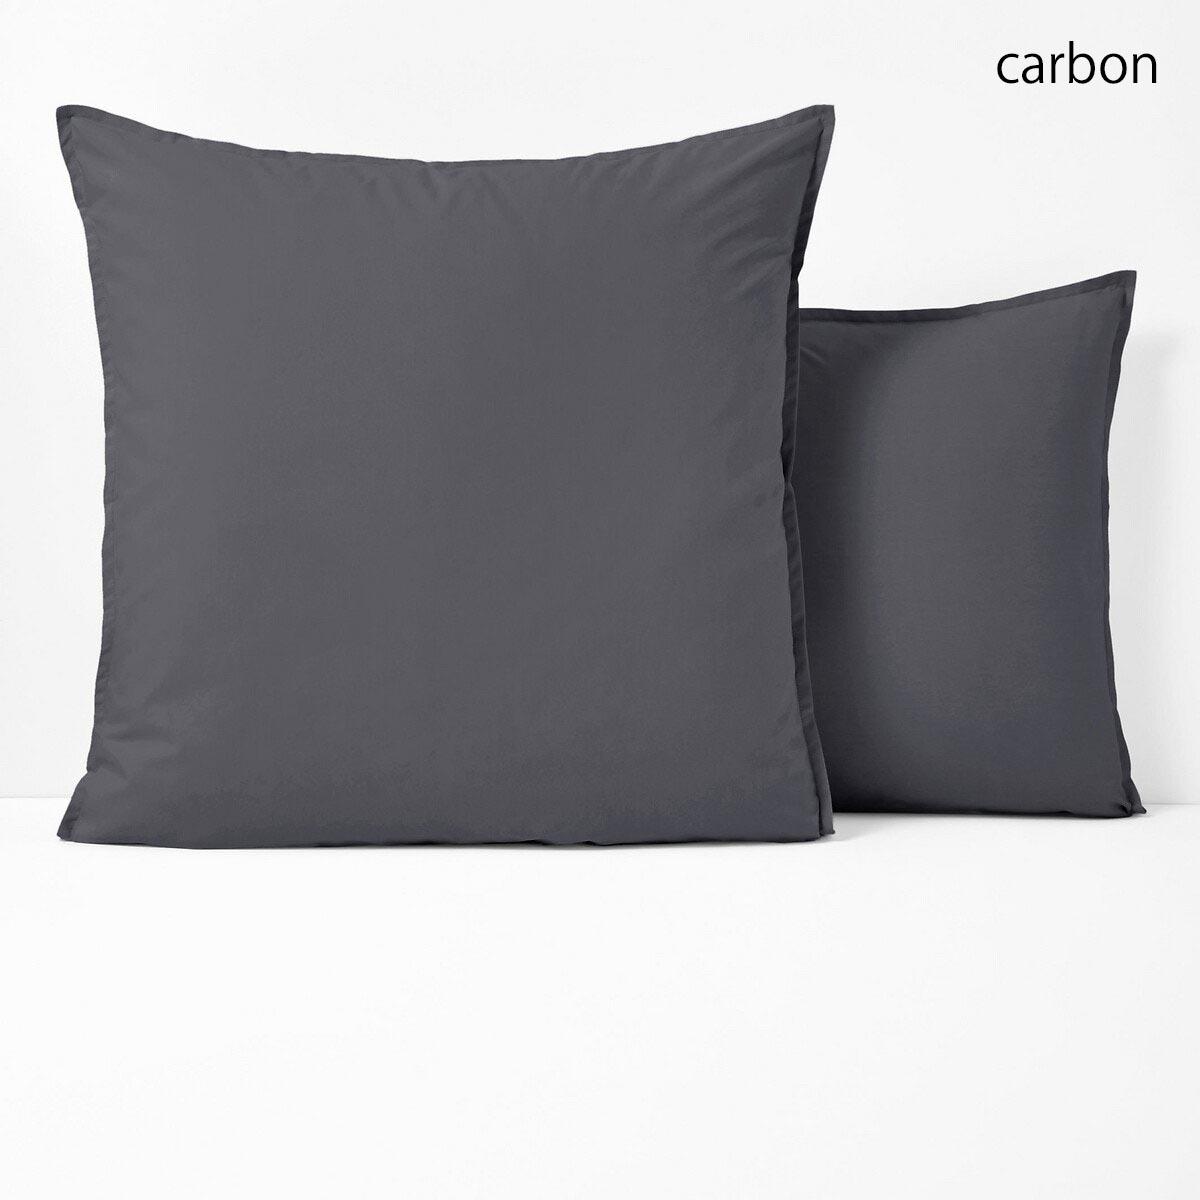 オーガニックコットン 枕カバー